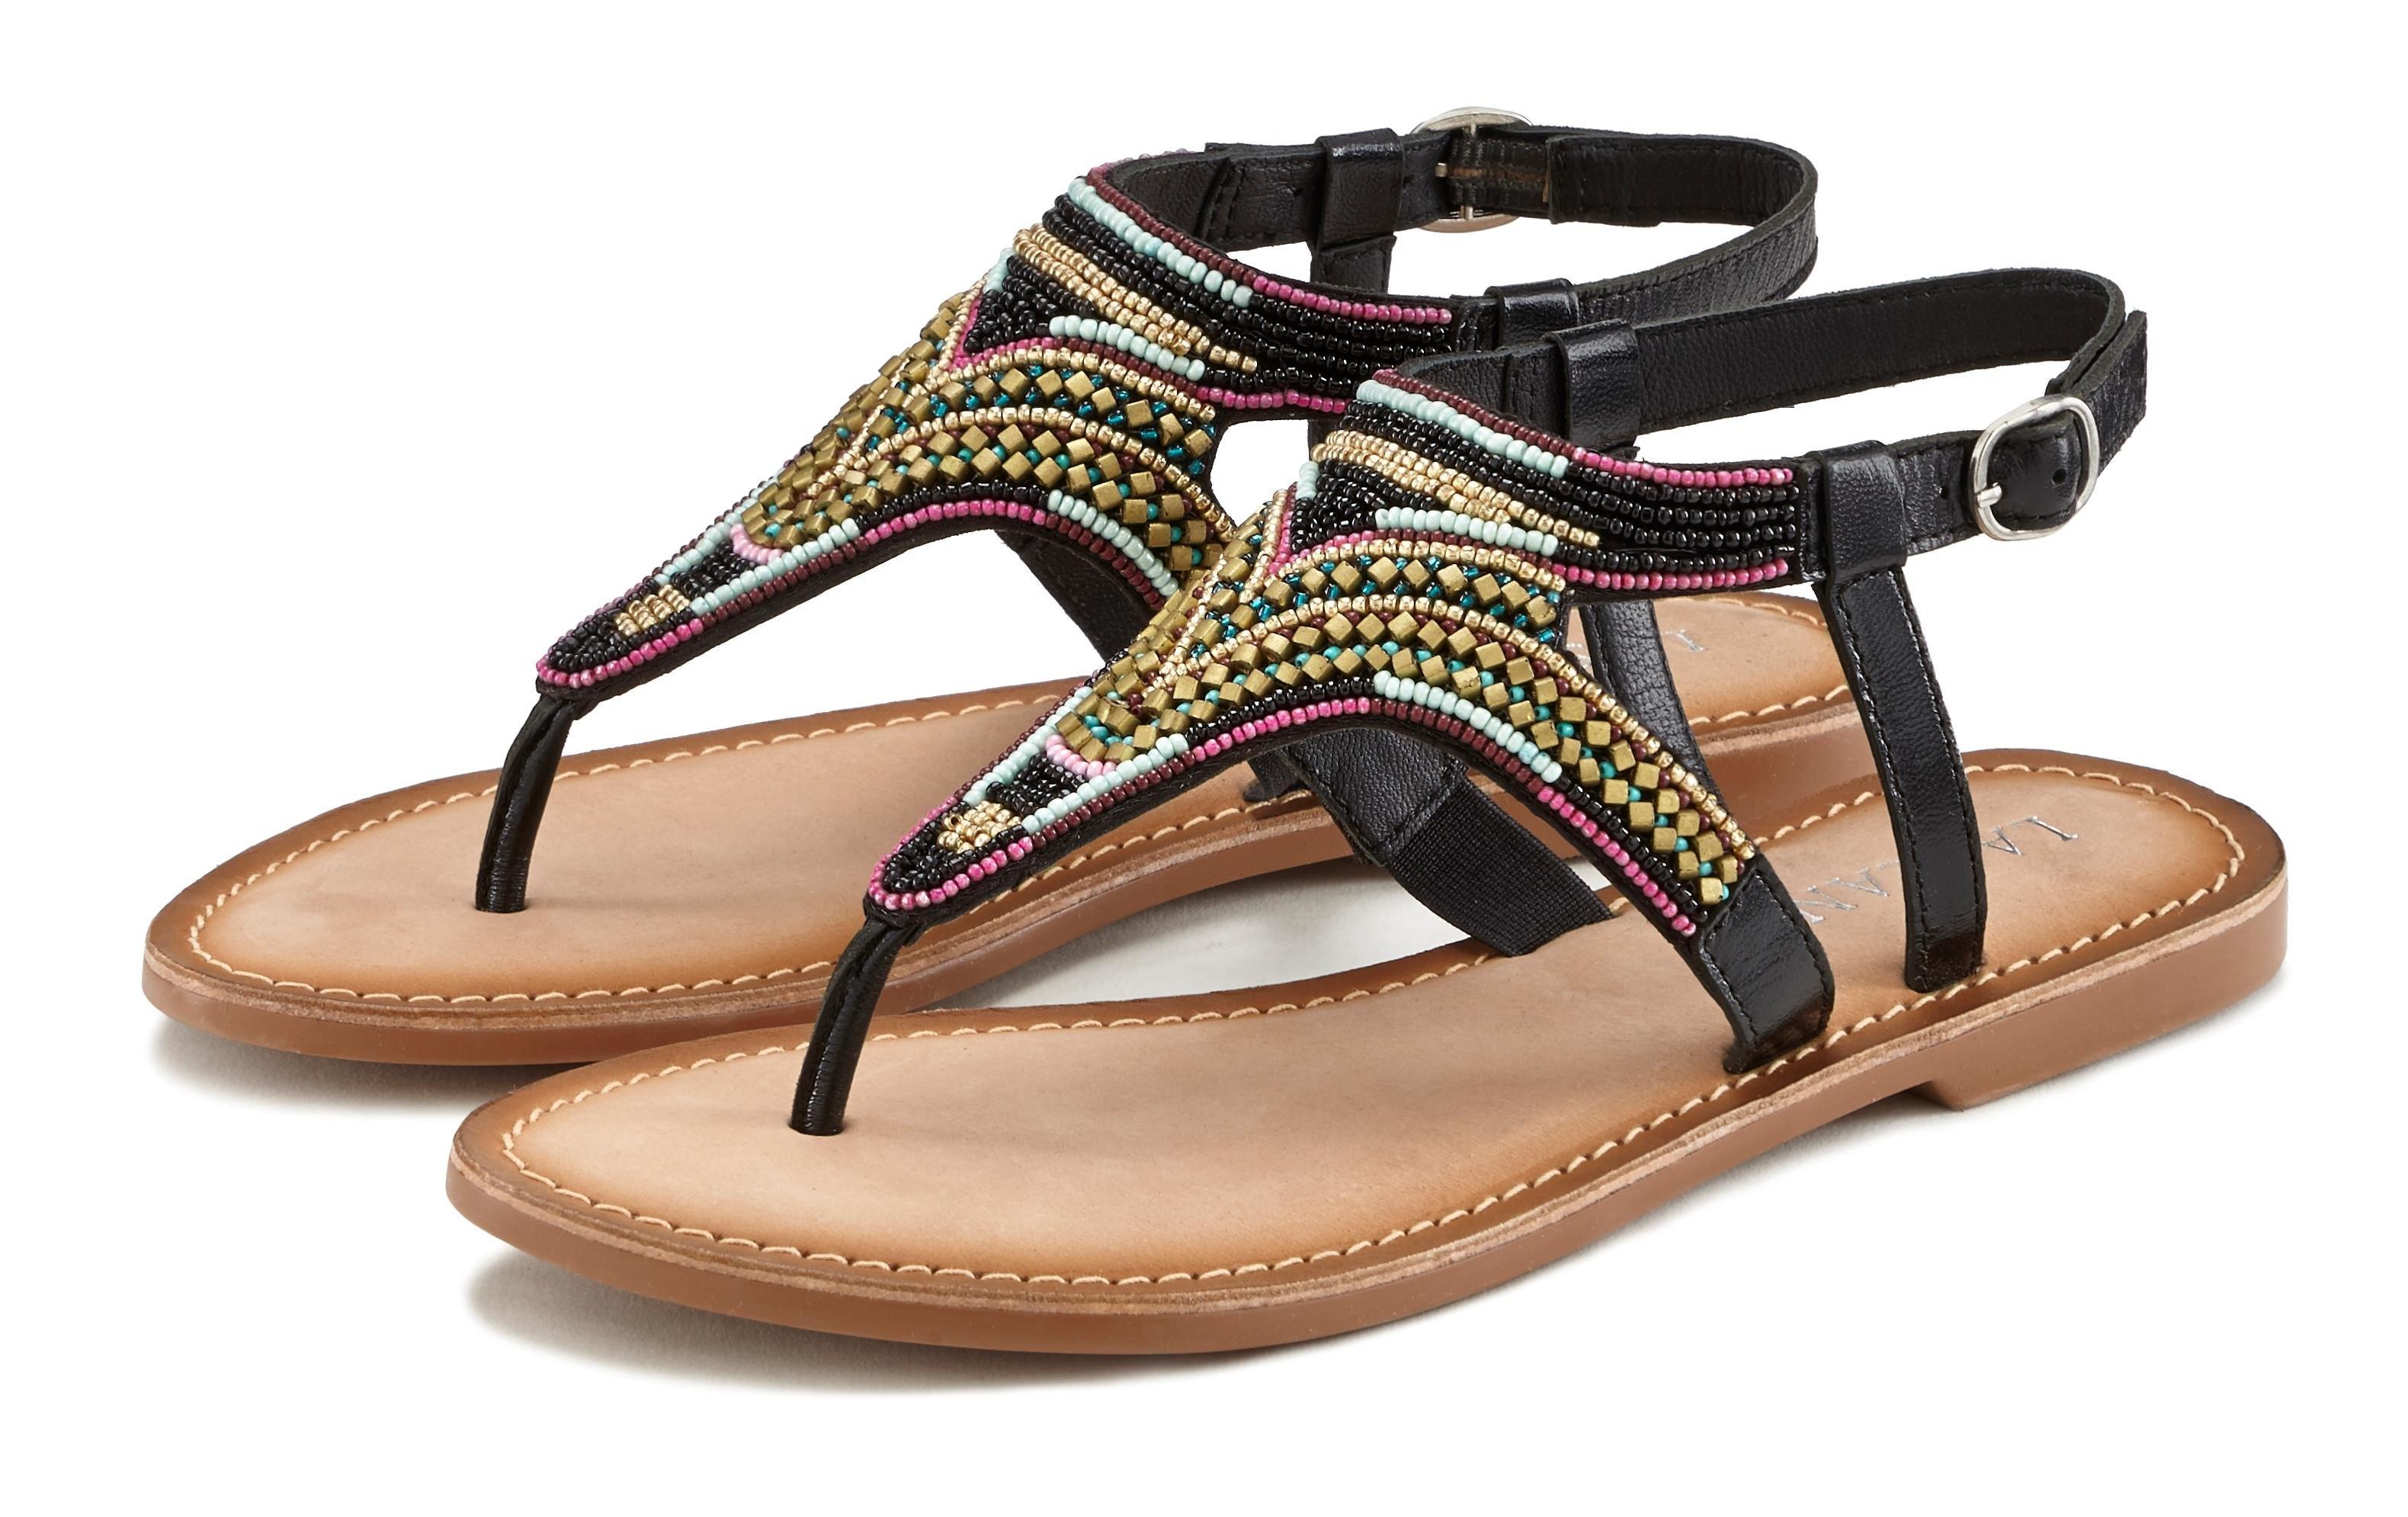 Lascana sandalen met luxueuze garnering veilig op lascana.nl kopen